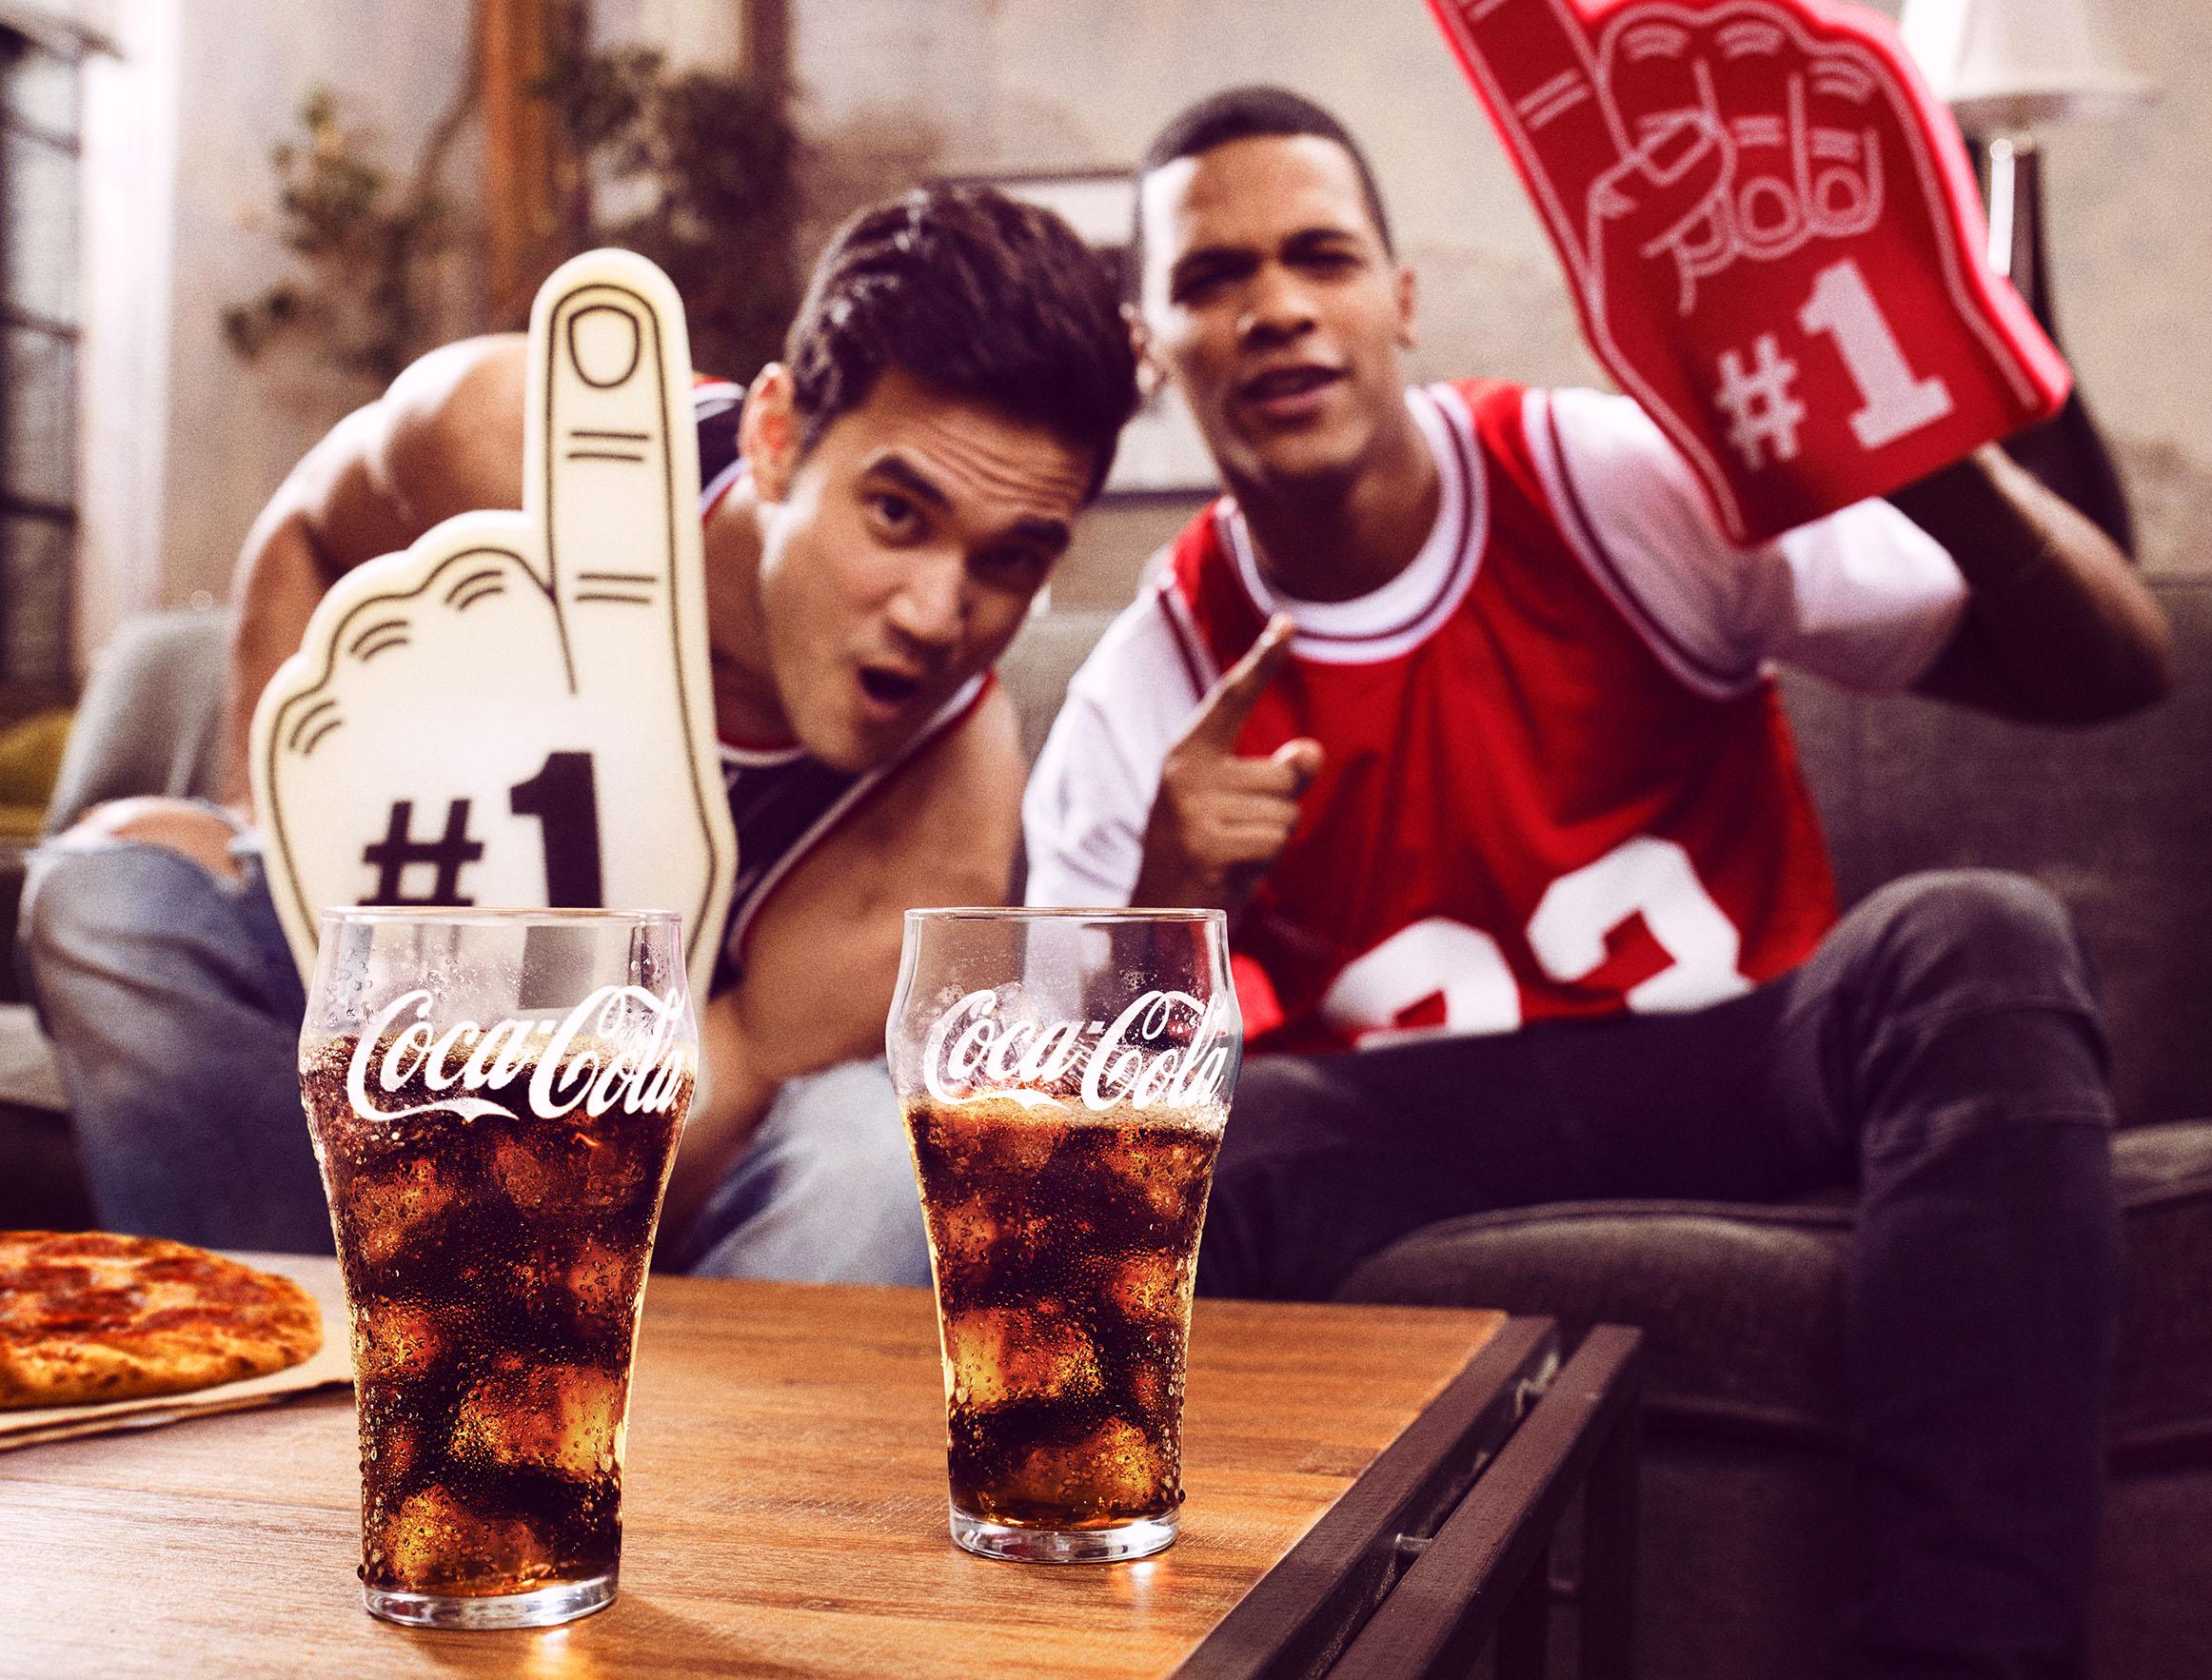 Coca Cola Dominos Basketball